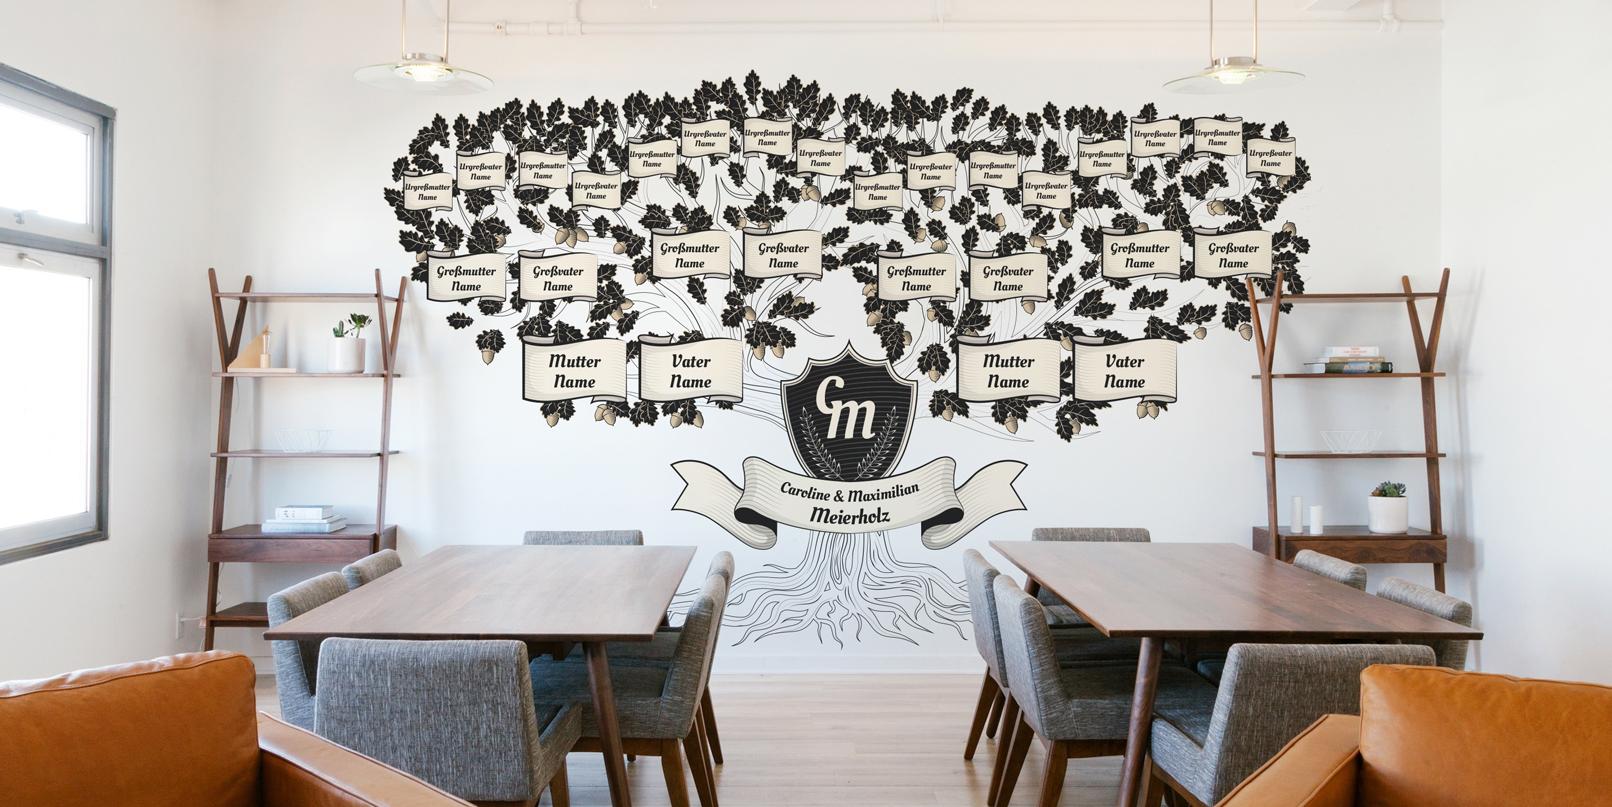 Design-Vorlage für einen Familienstammbaum im historisch anmutenden Stil, Schwarz-Weiß-Zeichnung